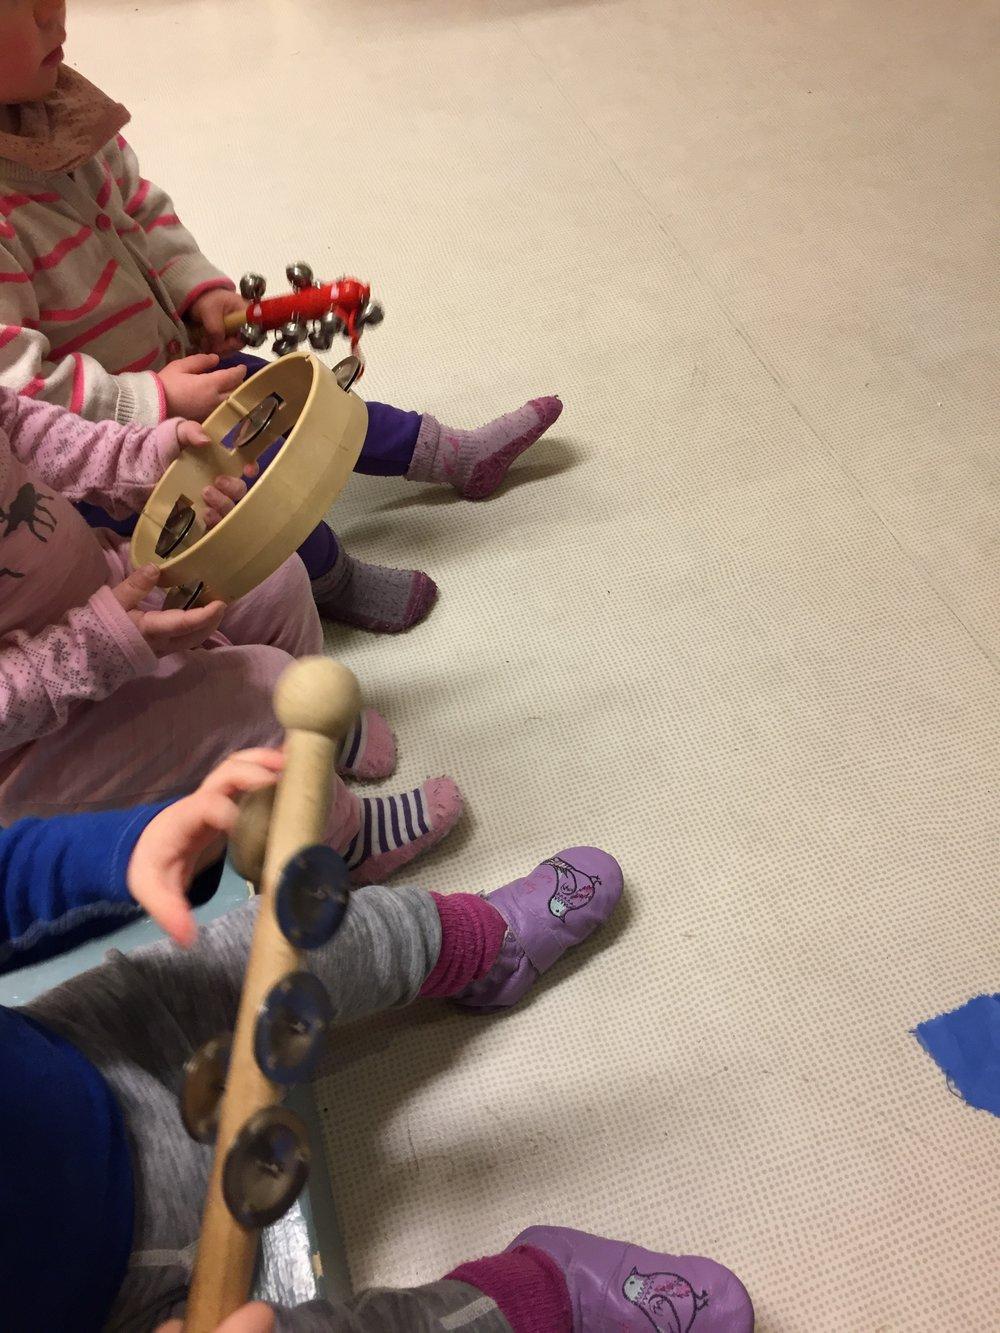 Å spille instrument og synge gir matematisk forståelse i form av takt og rytme.